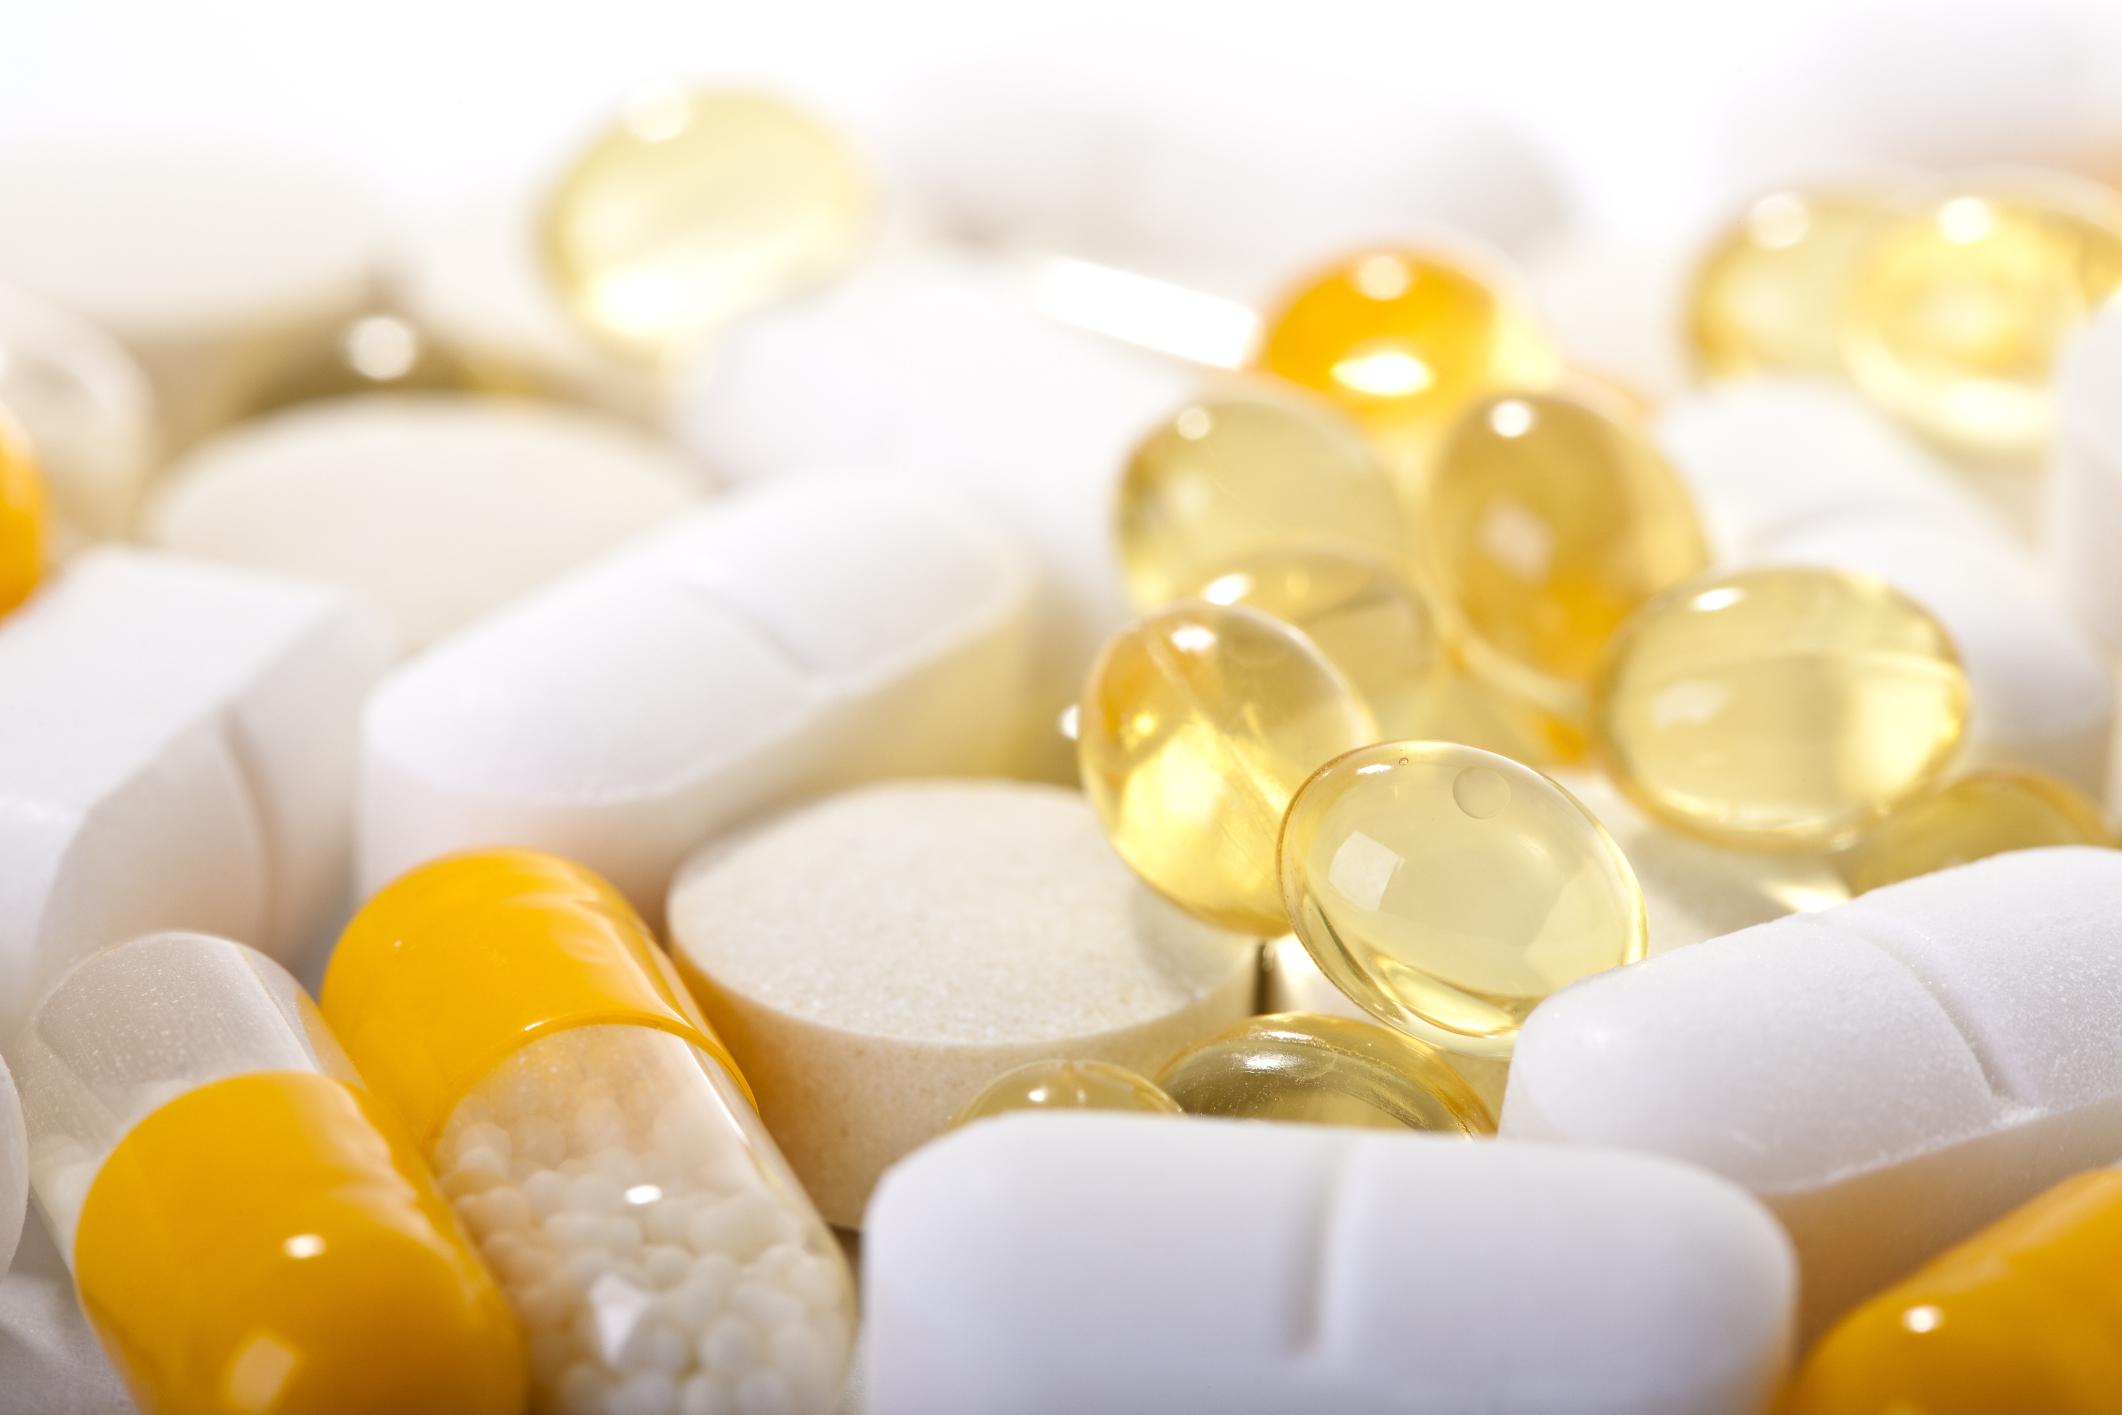 Ученые провели исследование о полезности витаминов и добавок при заражении коронавирусом